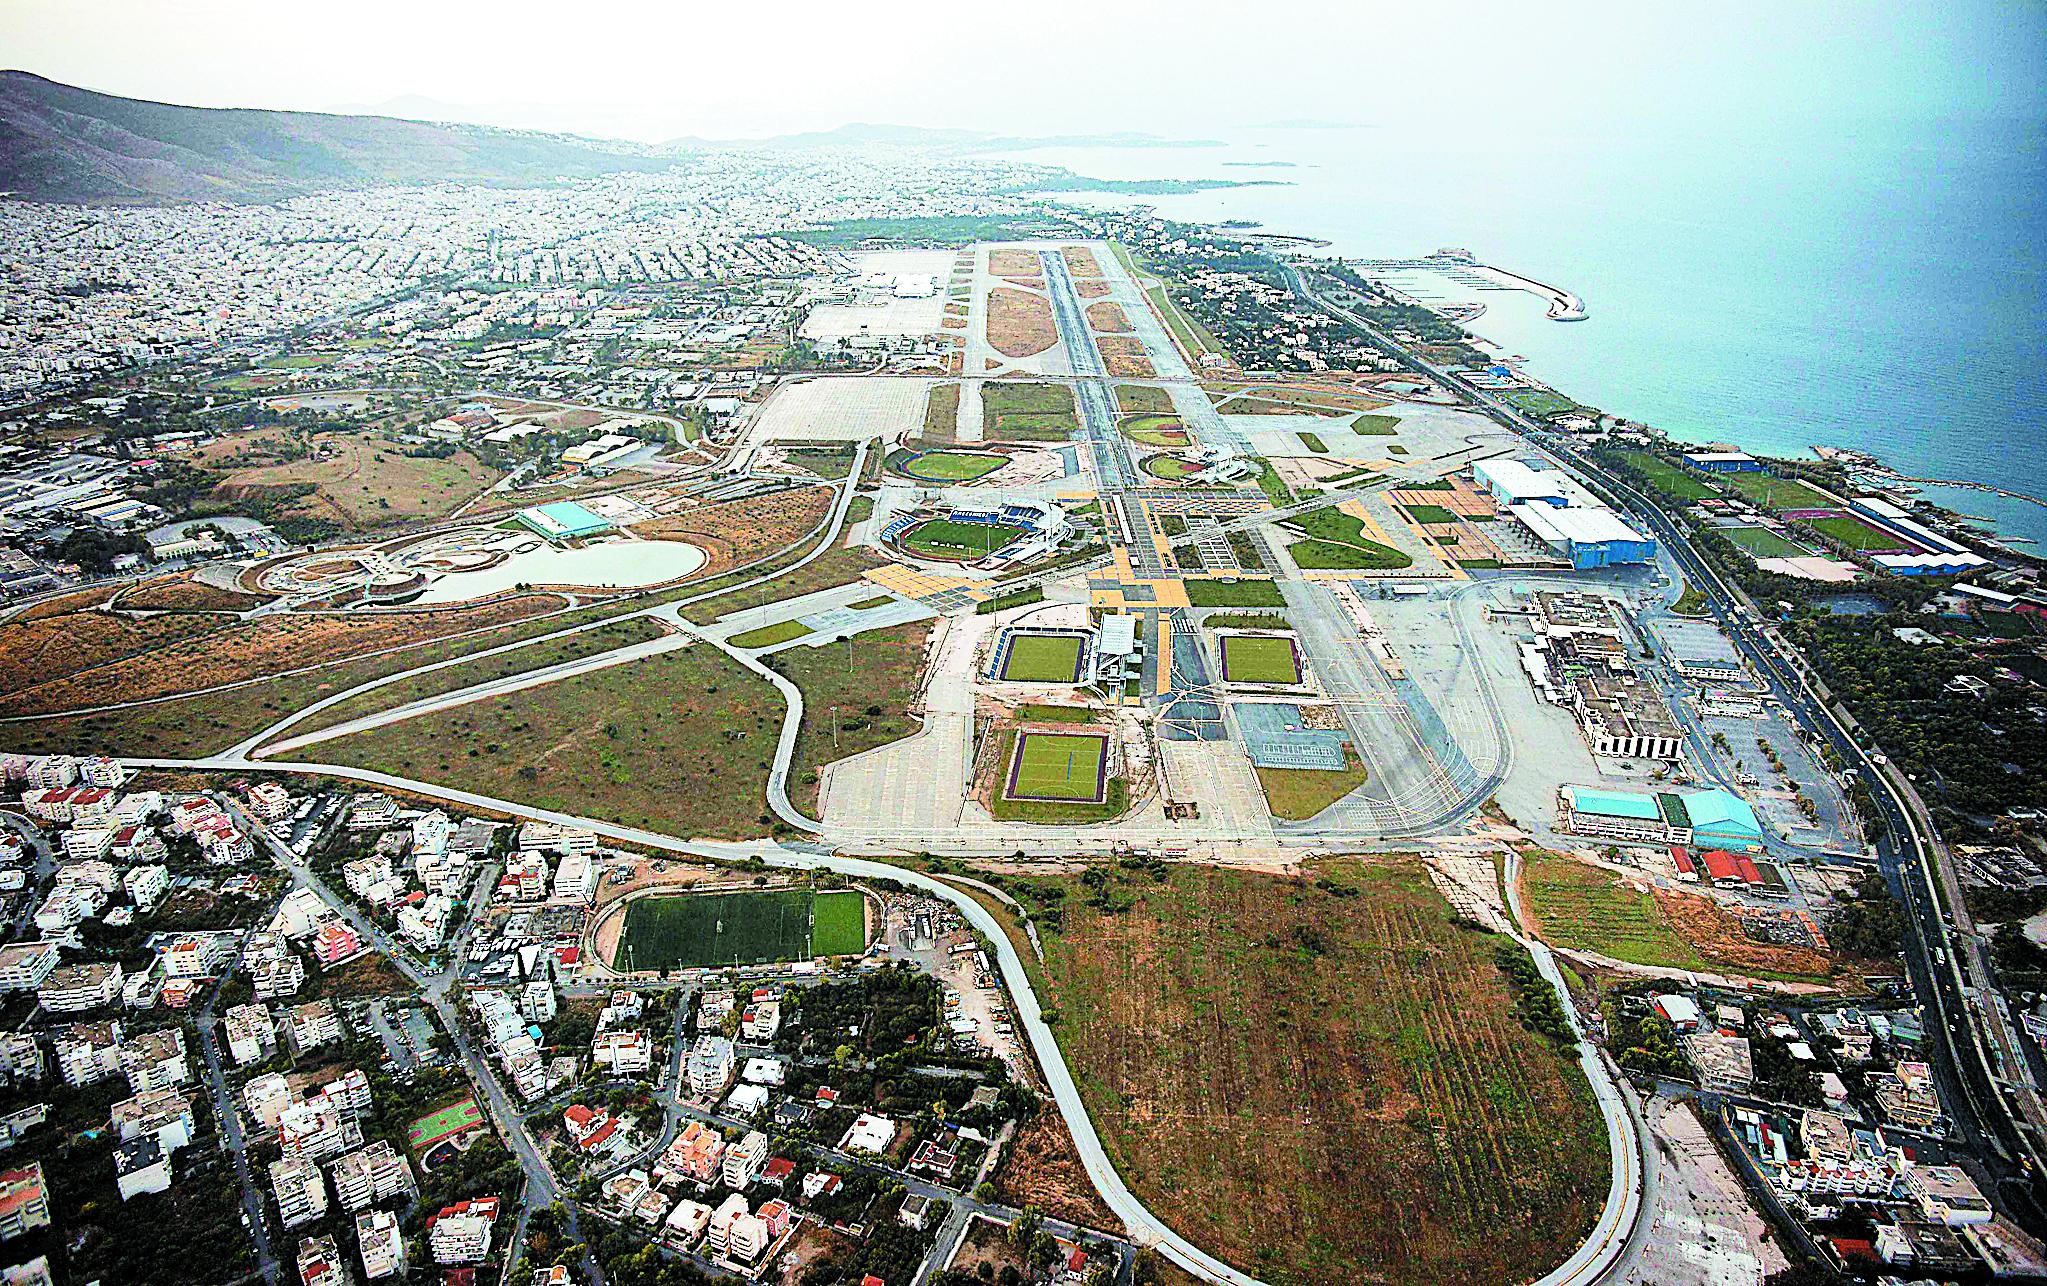 Νομικές δυσκολίες καθυστερούν την αξιοποίηση των ακινήτων Δημοσίου | tovima.gr